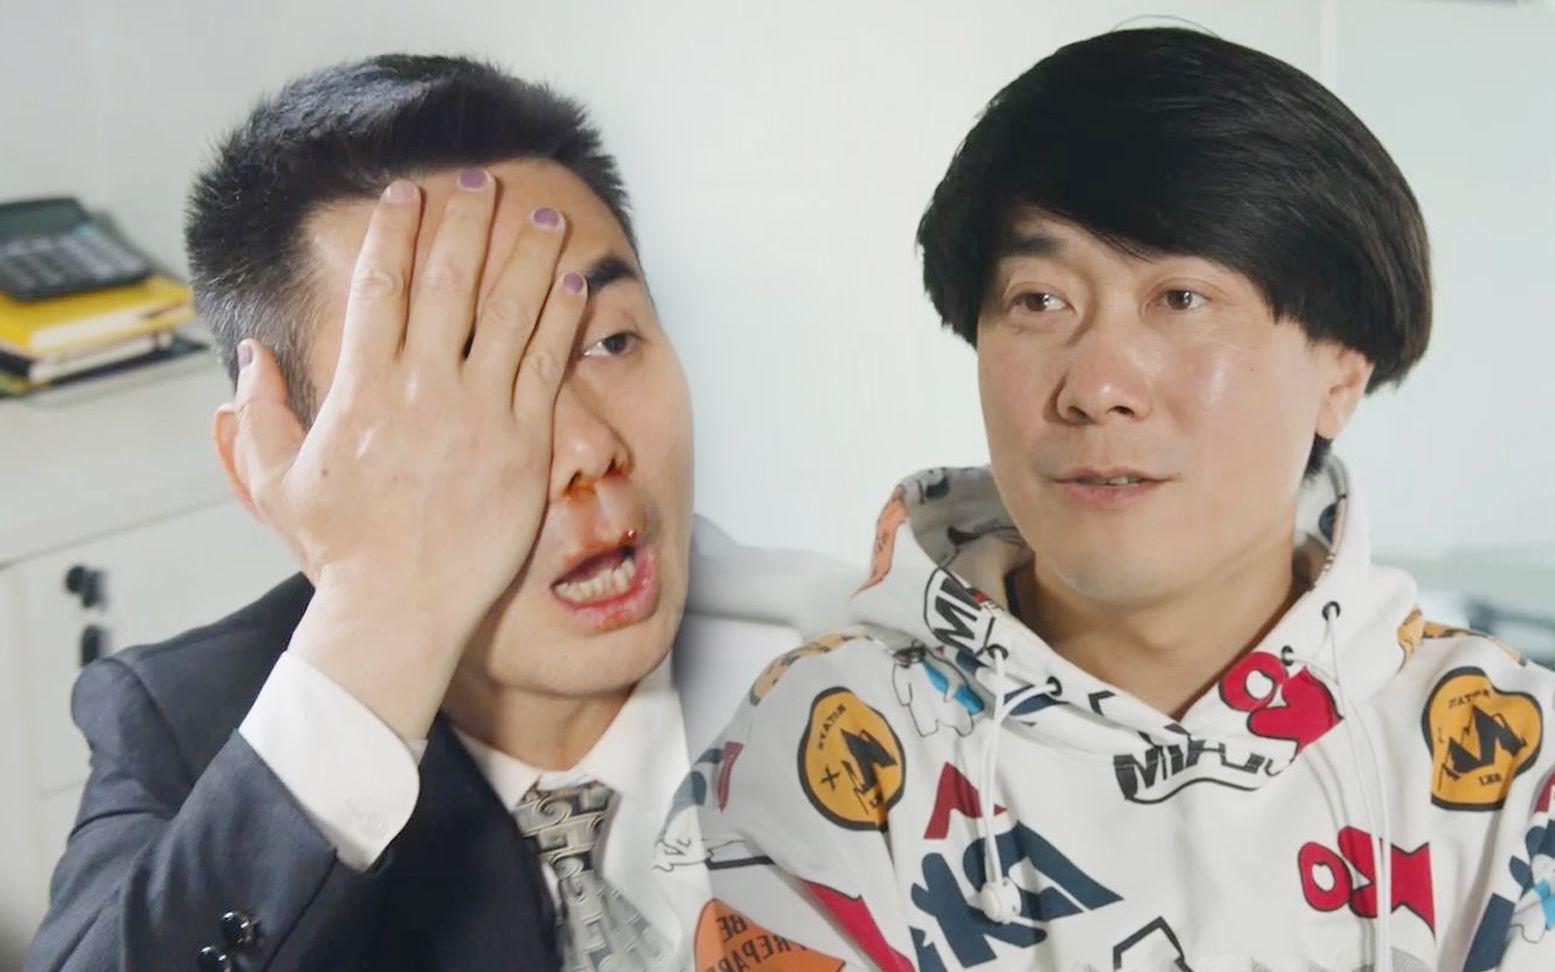 陈翔六点半:遇到如此欺人的上司,该怎么办?